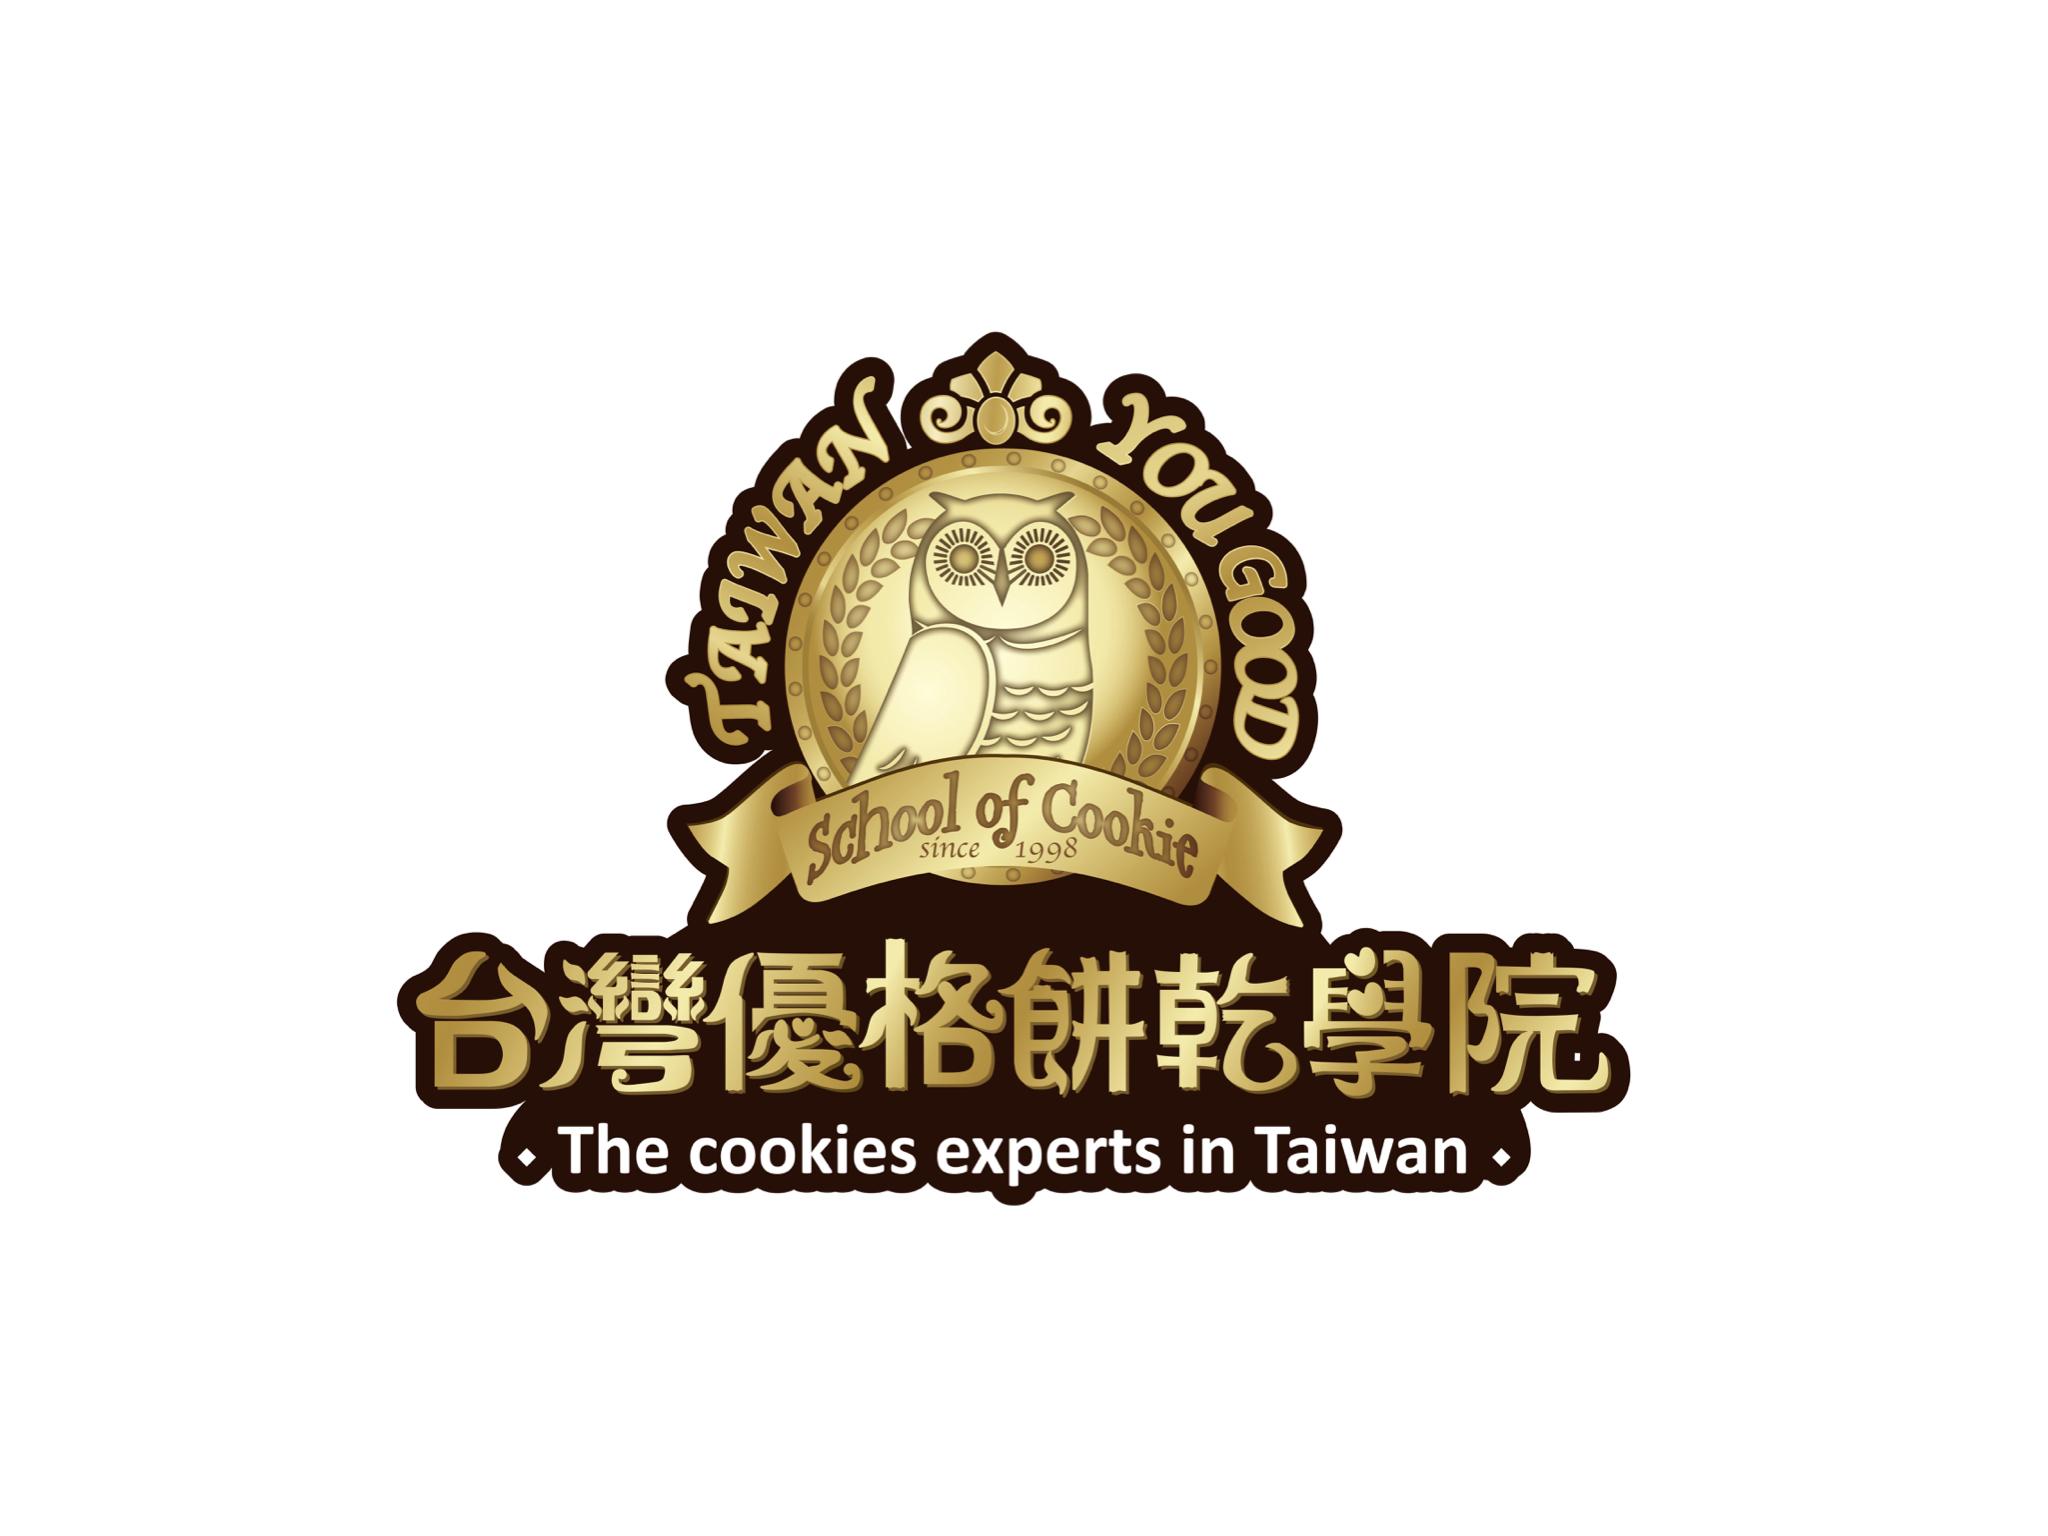 台灣優格餅乾學院 Taiwan You Good School of Cookie│線西│今秋友好聯盟